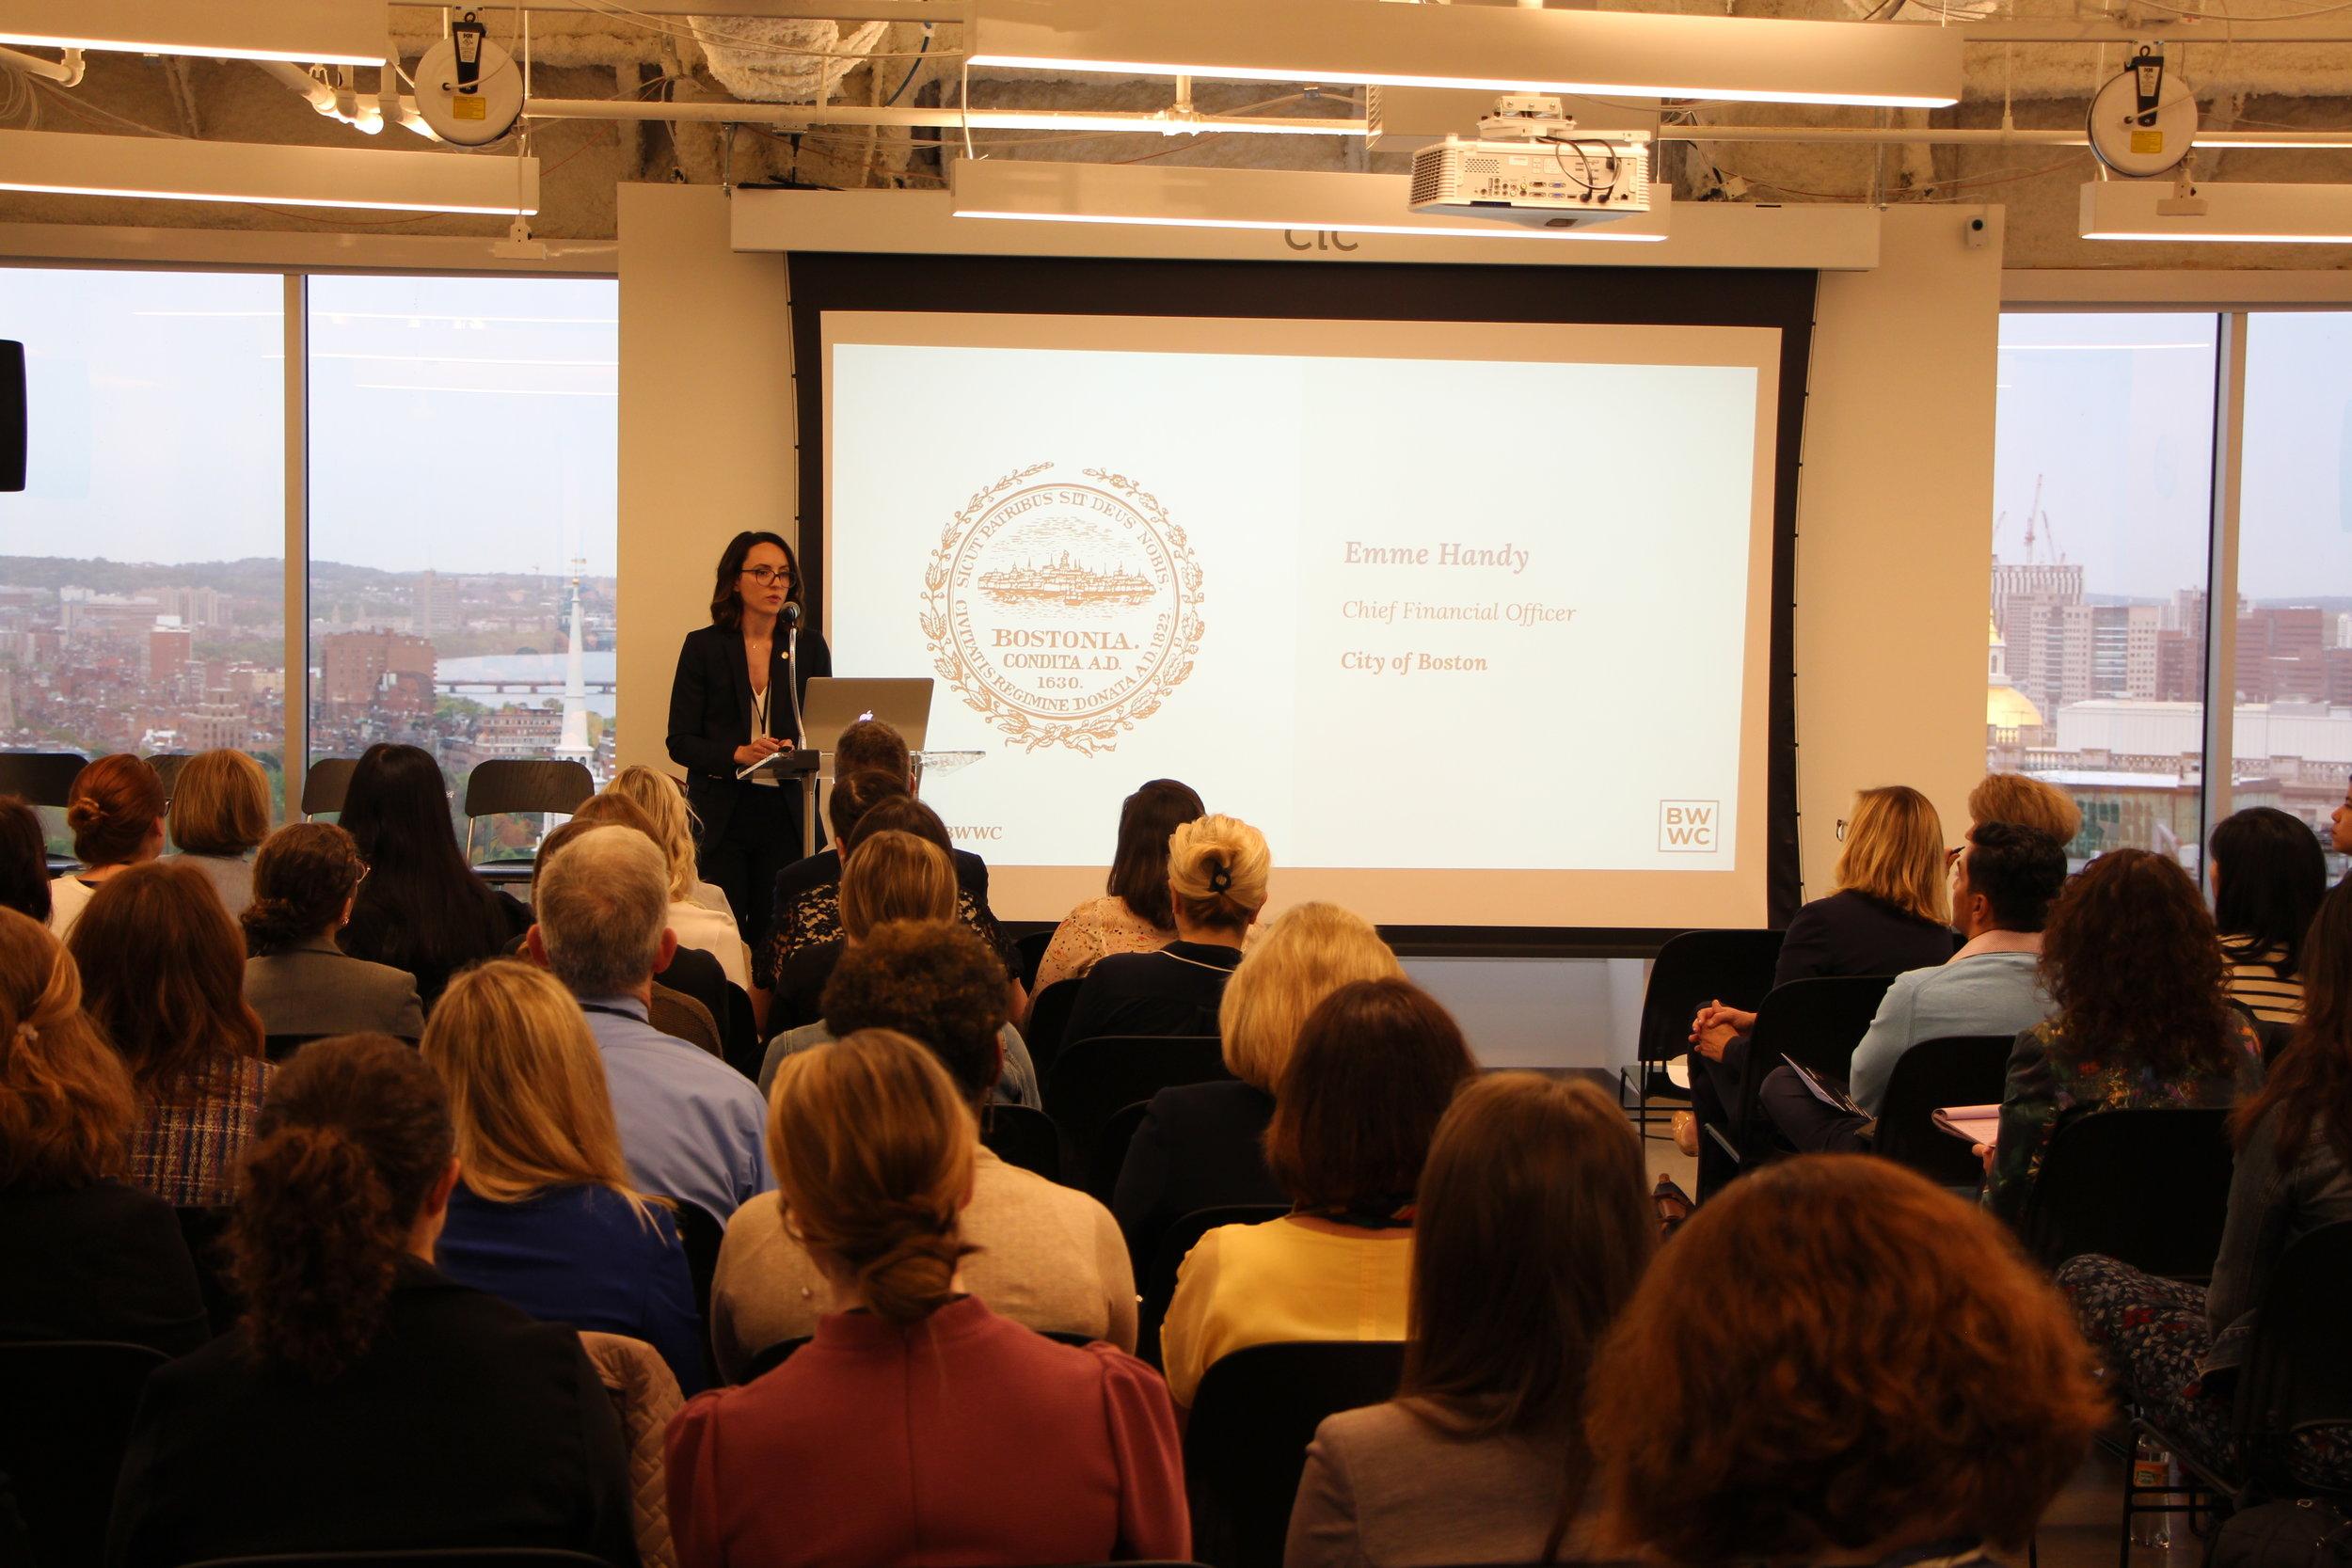 When women succeed, Boston succeeds. - Emme Handy, CFO, City of Boston